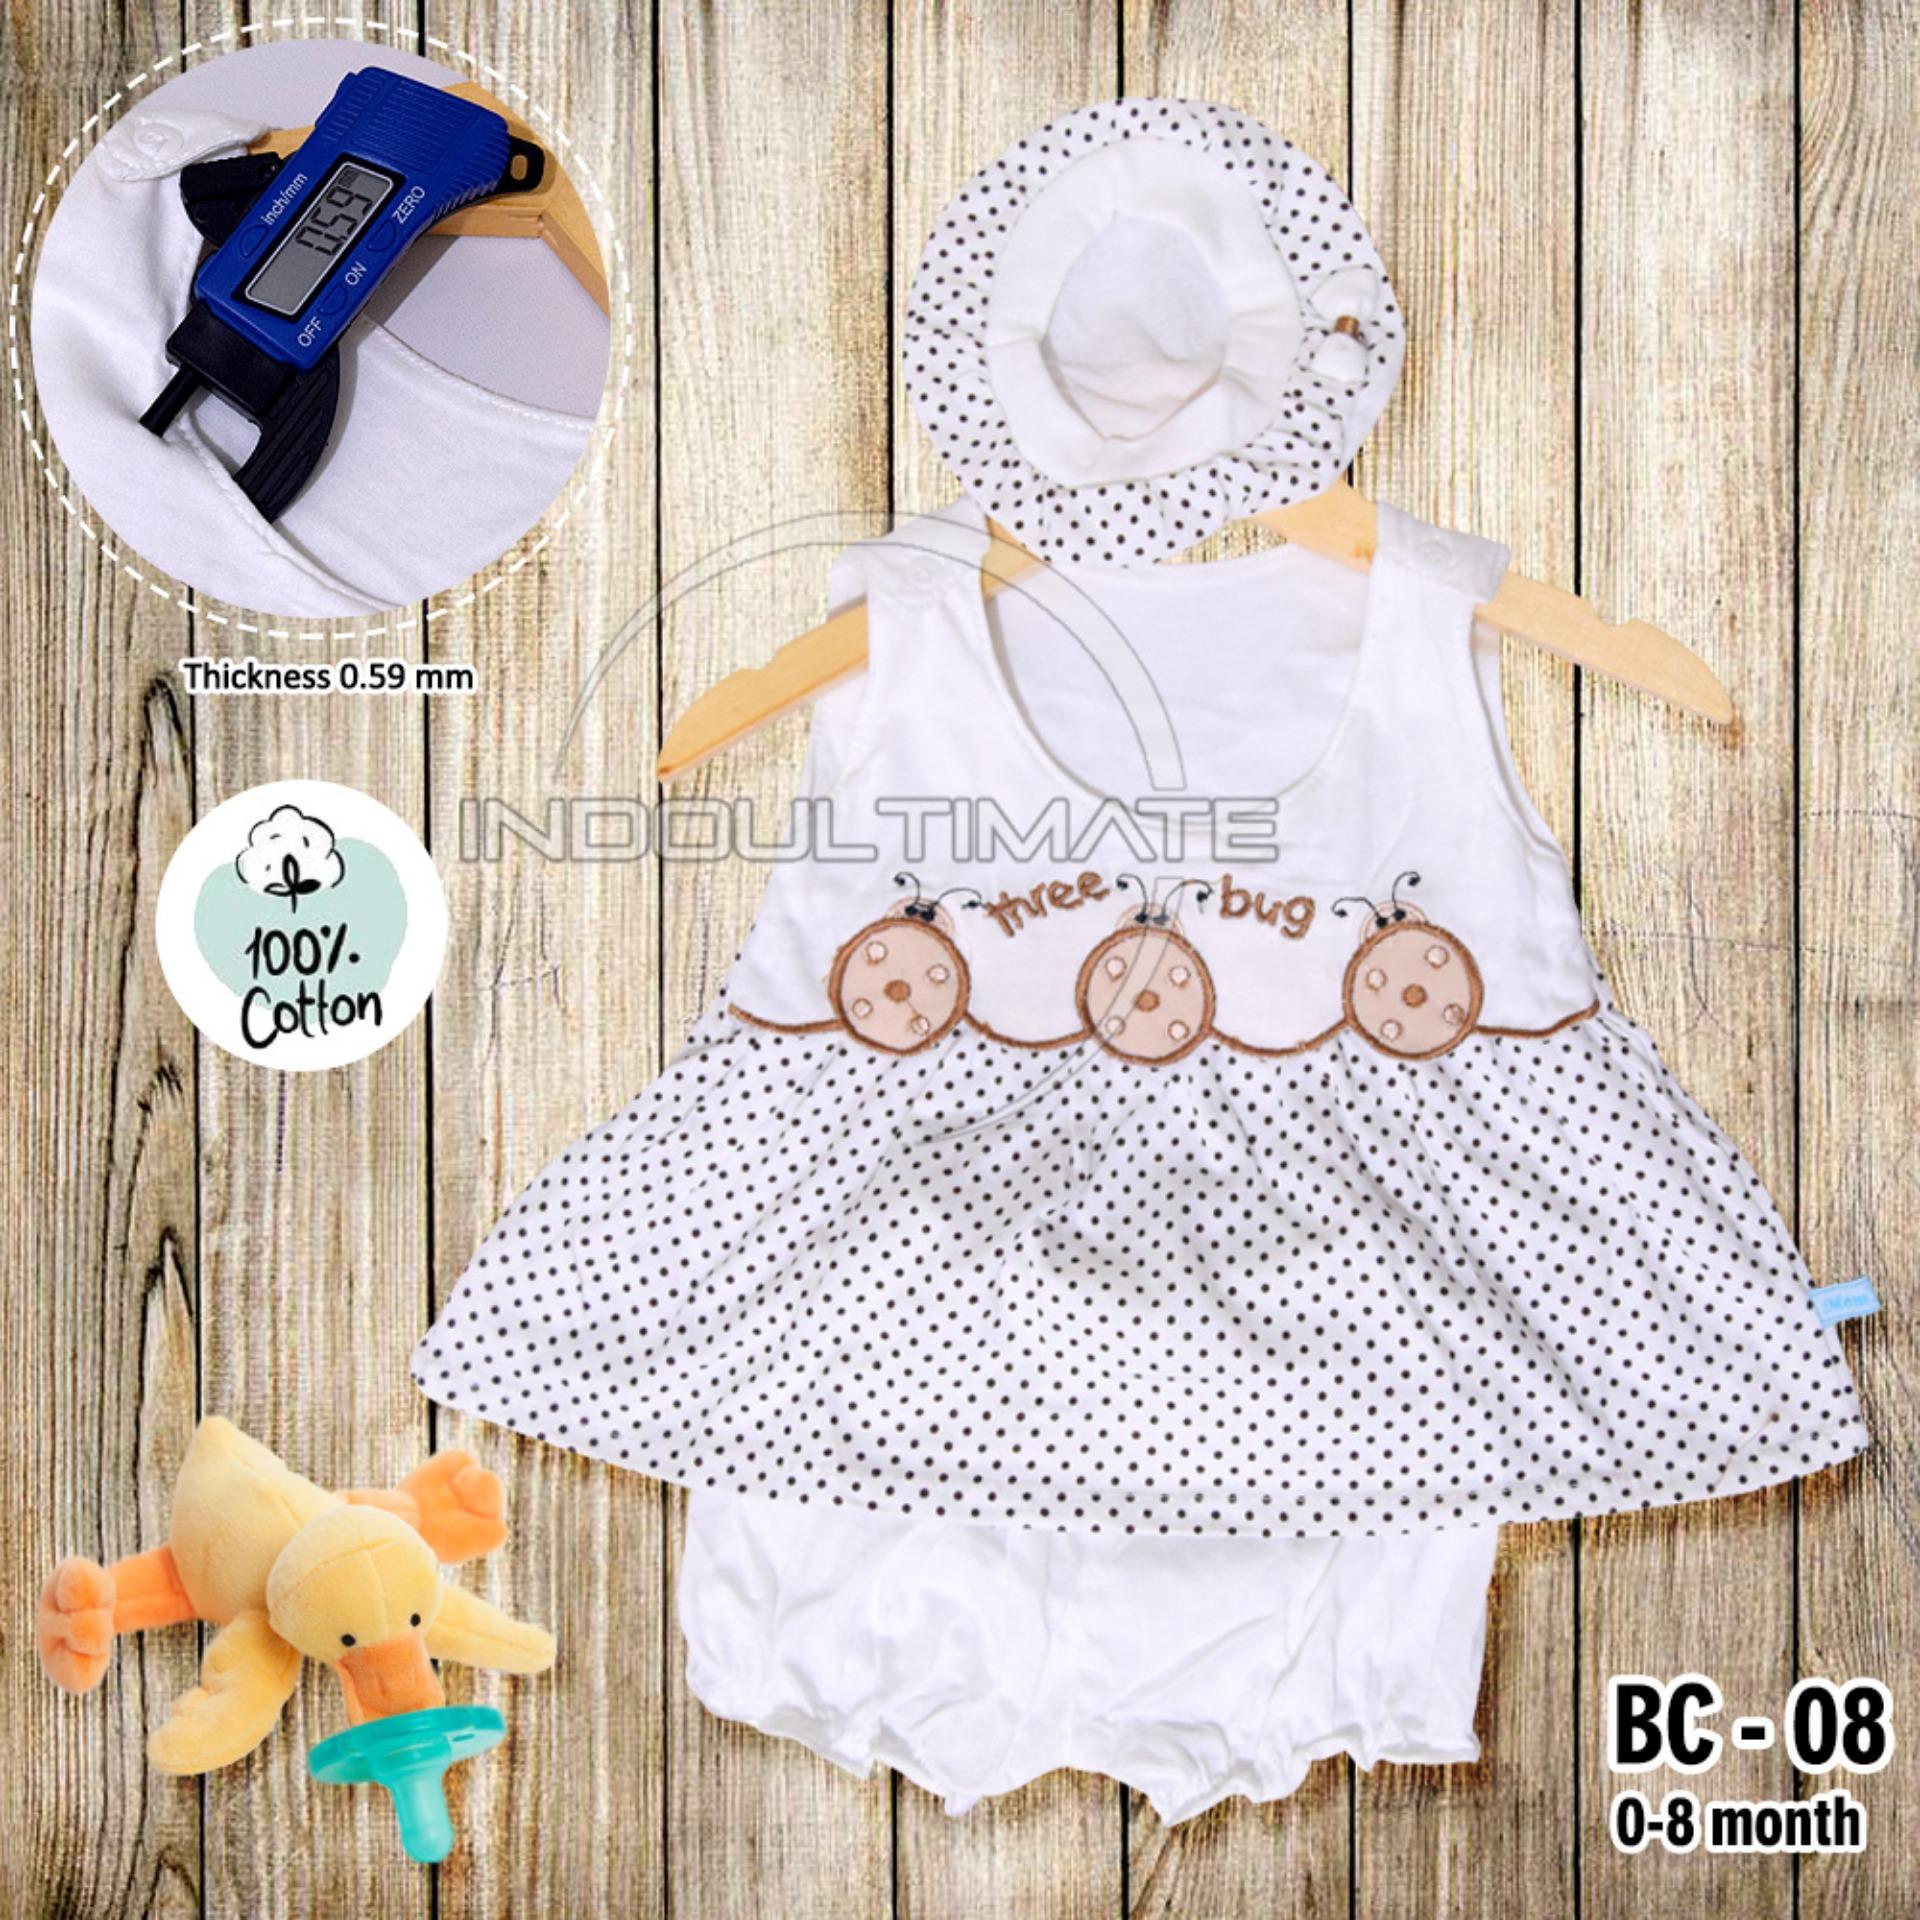 BABY LEON Setelan Baju Baby Cewek / Pakaian Baby Cewek / BY BC-08 BAJU BABY CEWEK SATU SET + TOPI (Random)